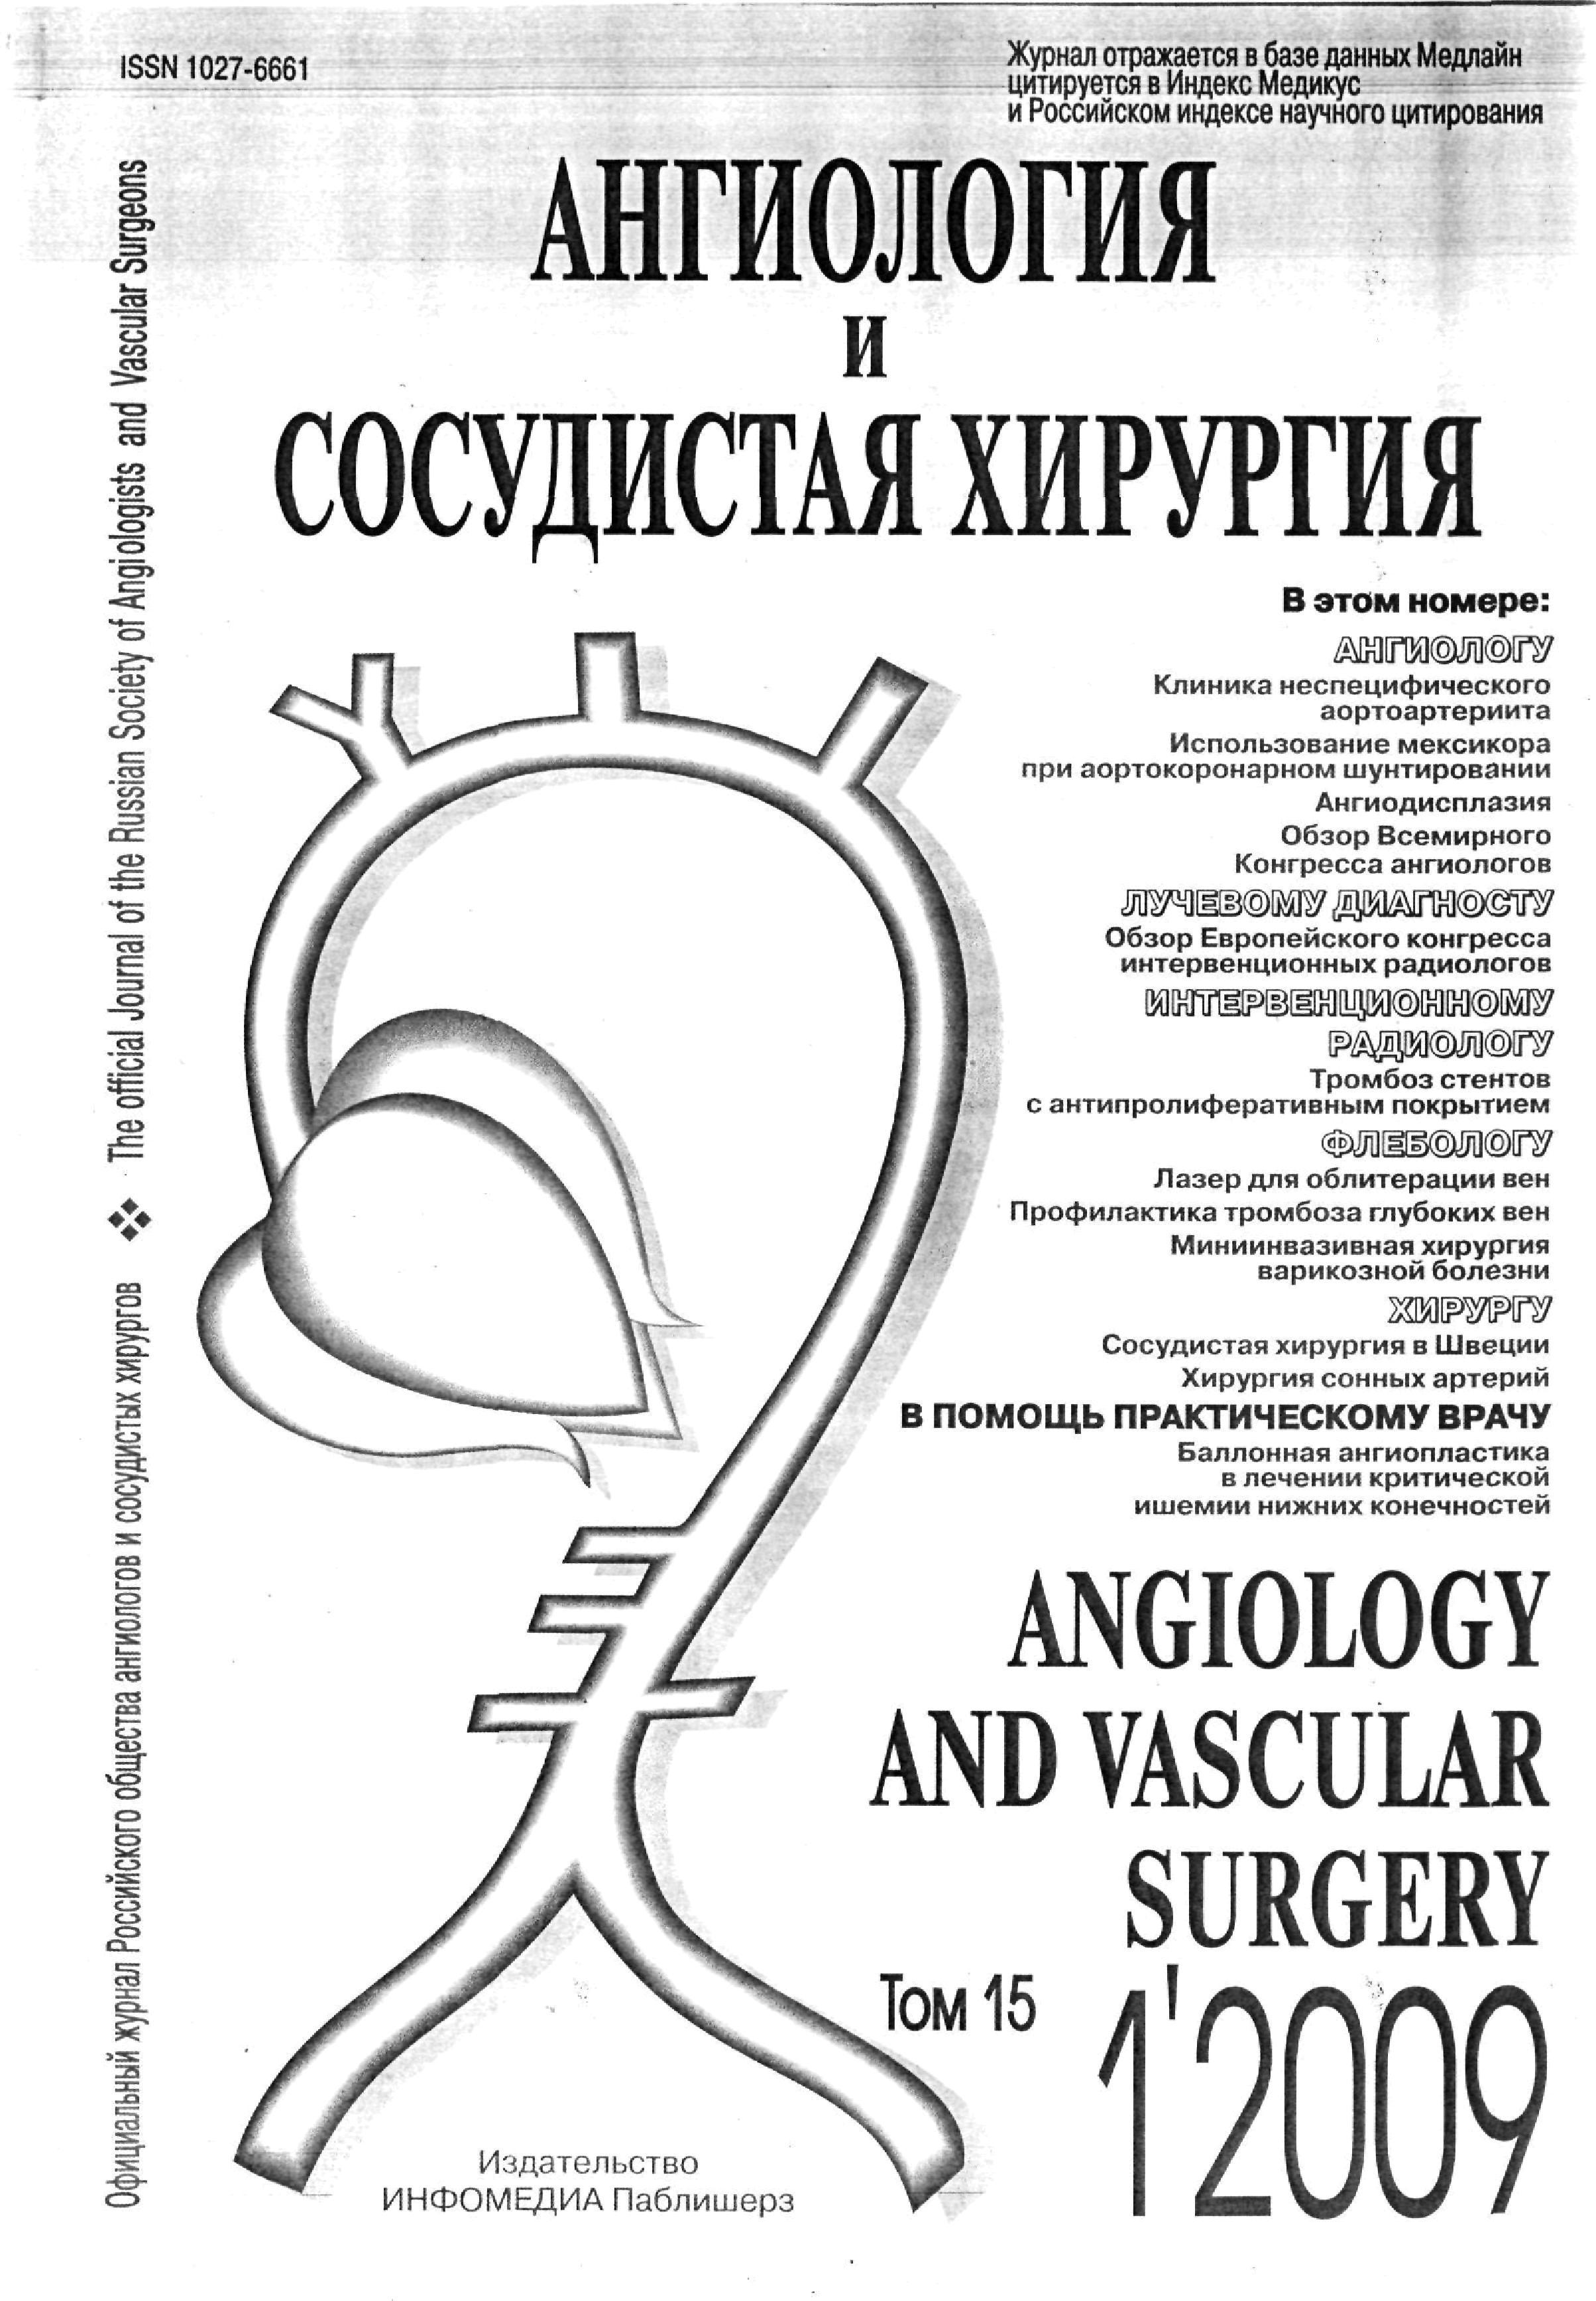 Ангиология и сосудистая хирургия 2009-1